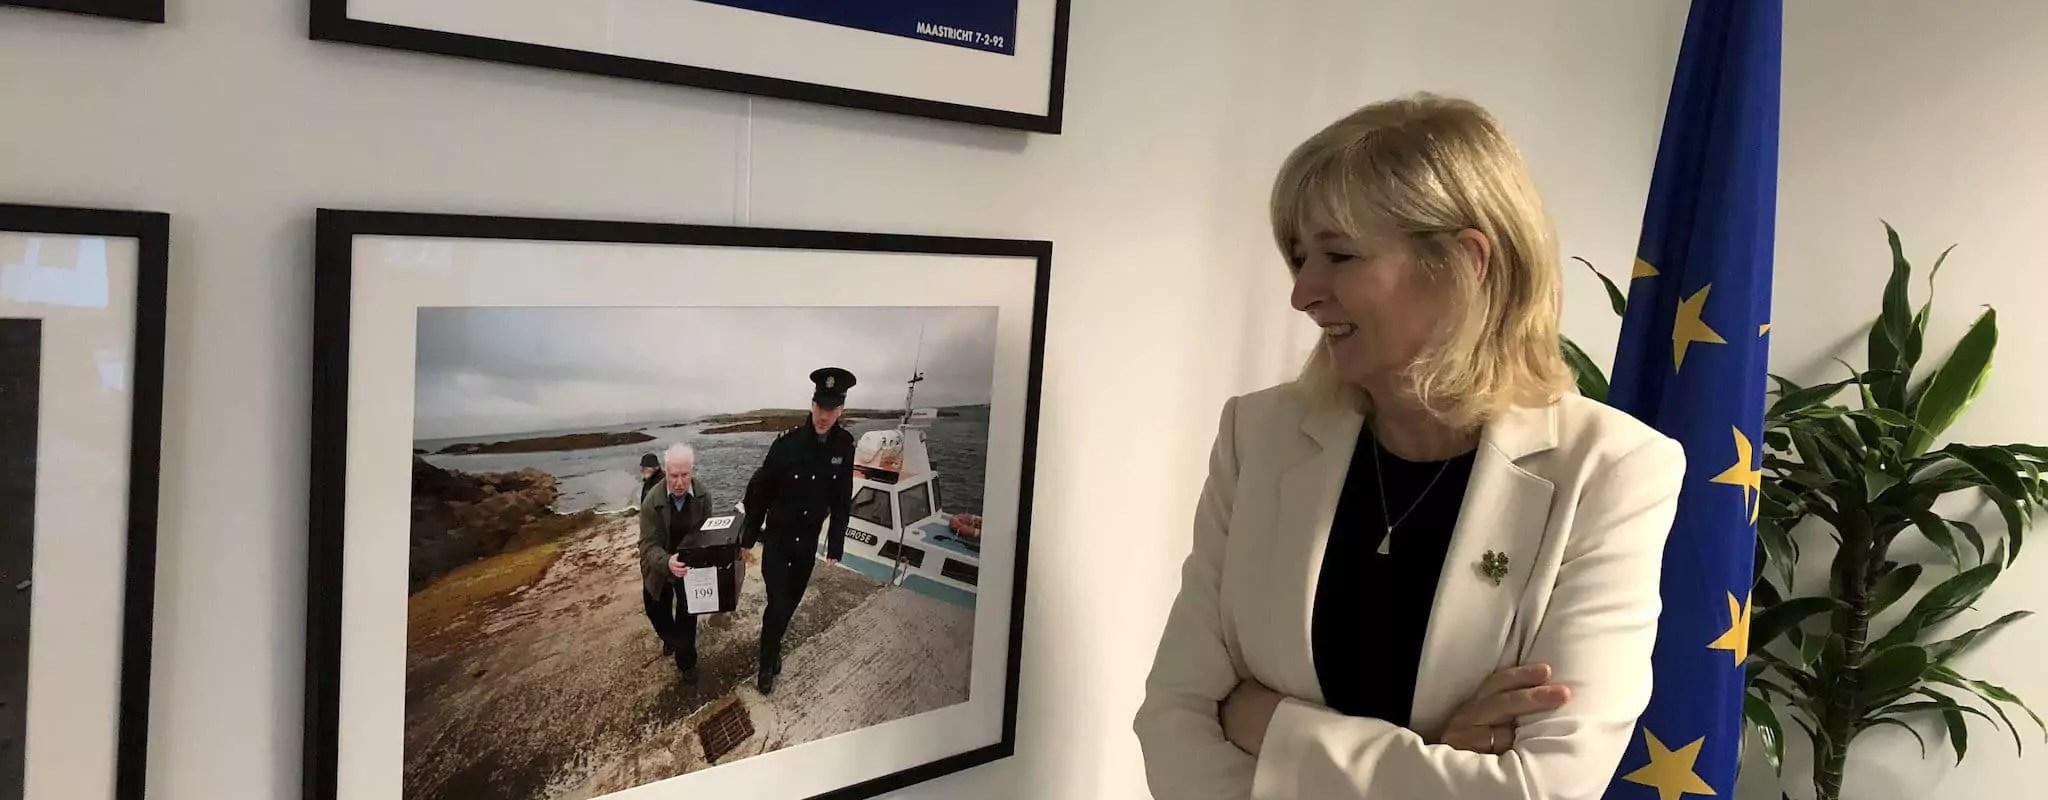 Emily O'Reilly, médiatrice européenne: «La décision de travailler à Strasbourg ou à Bruxelles ne m'appartient pas»